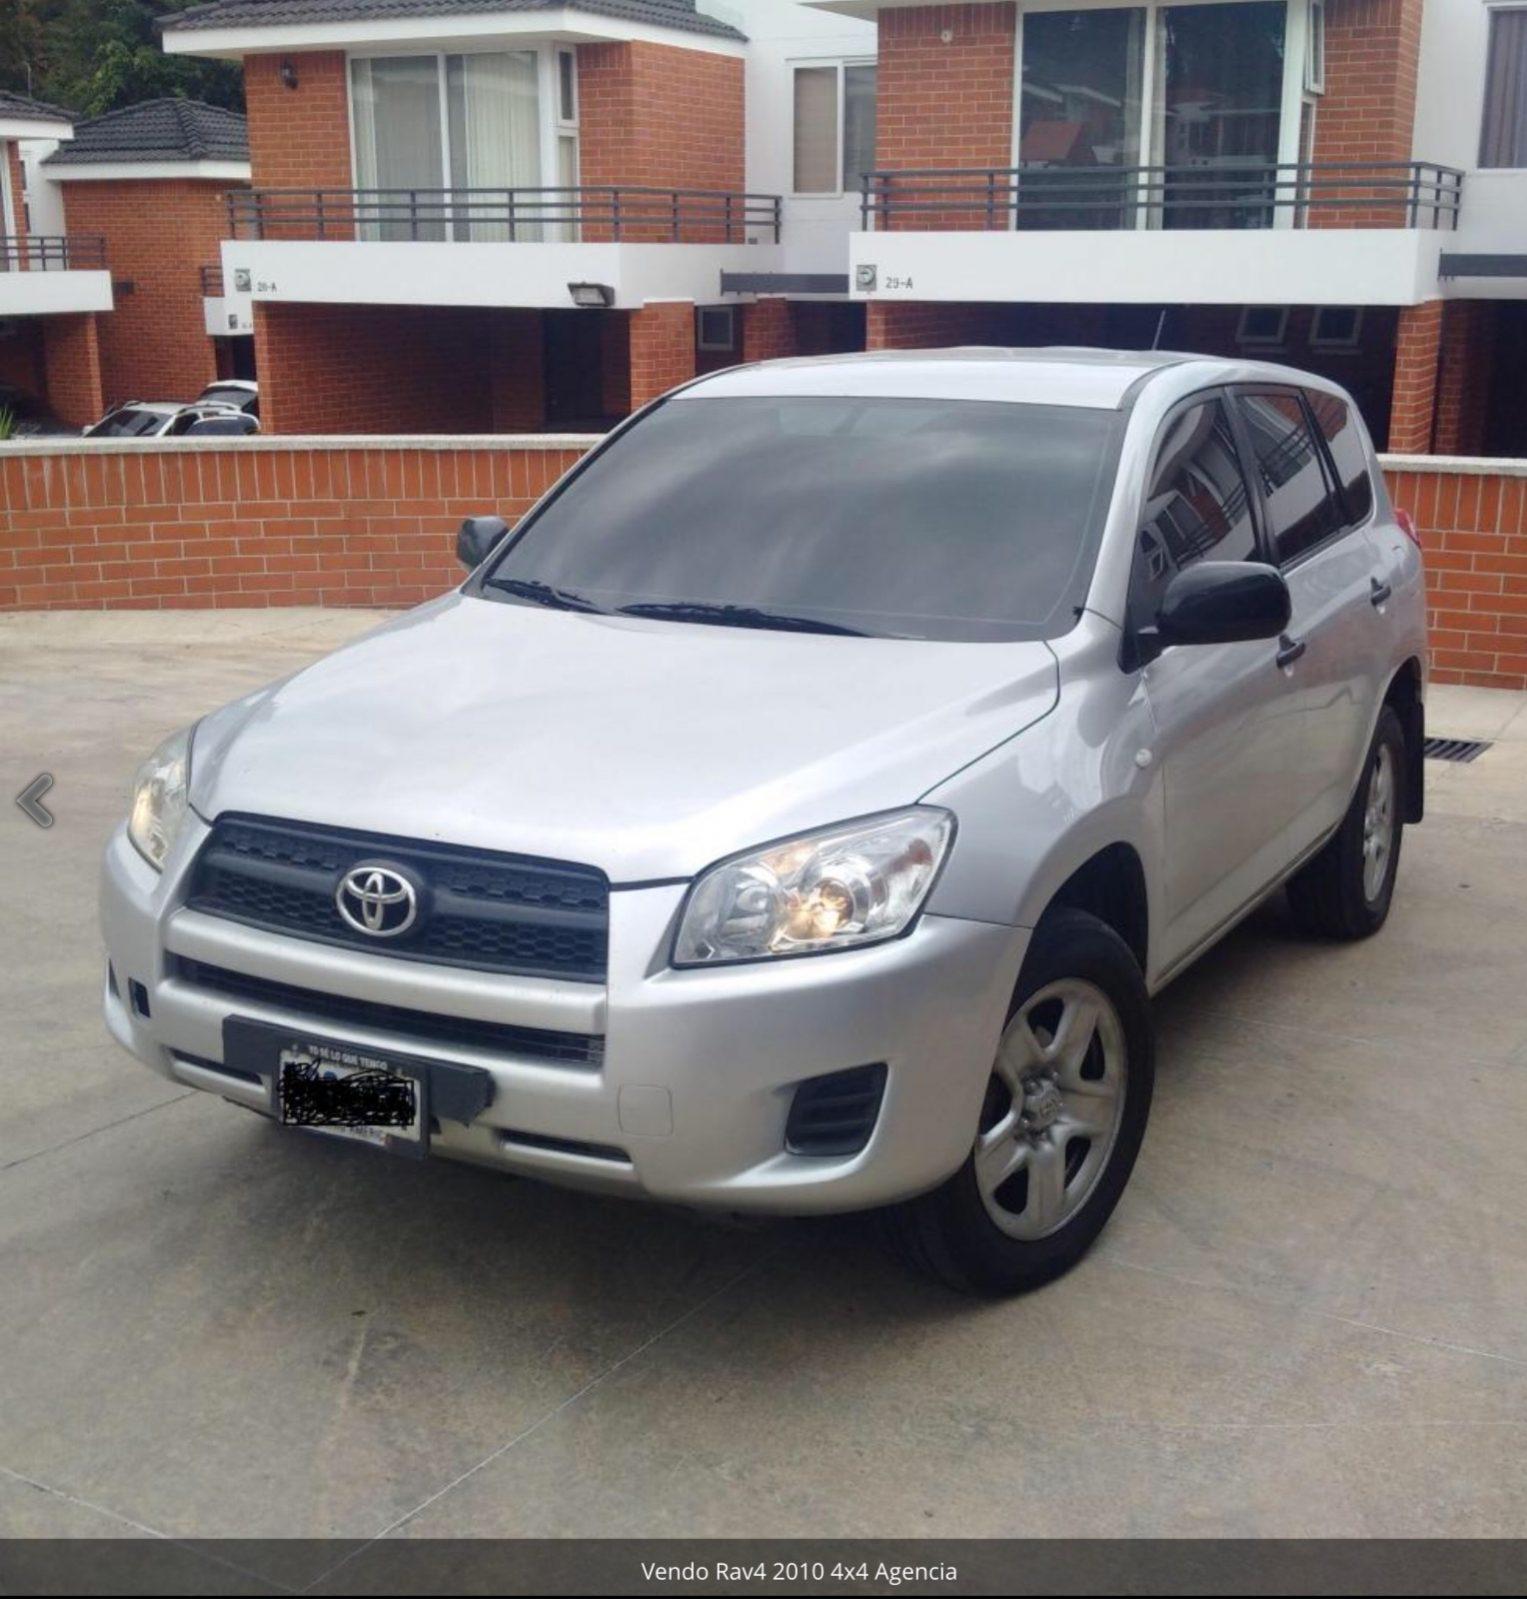 Usados: Toyota Rav4 2010 de agencia en excelente condición ...